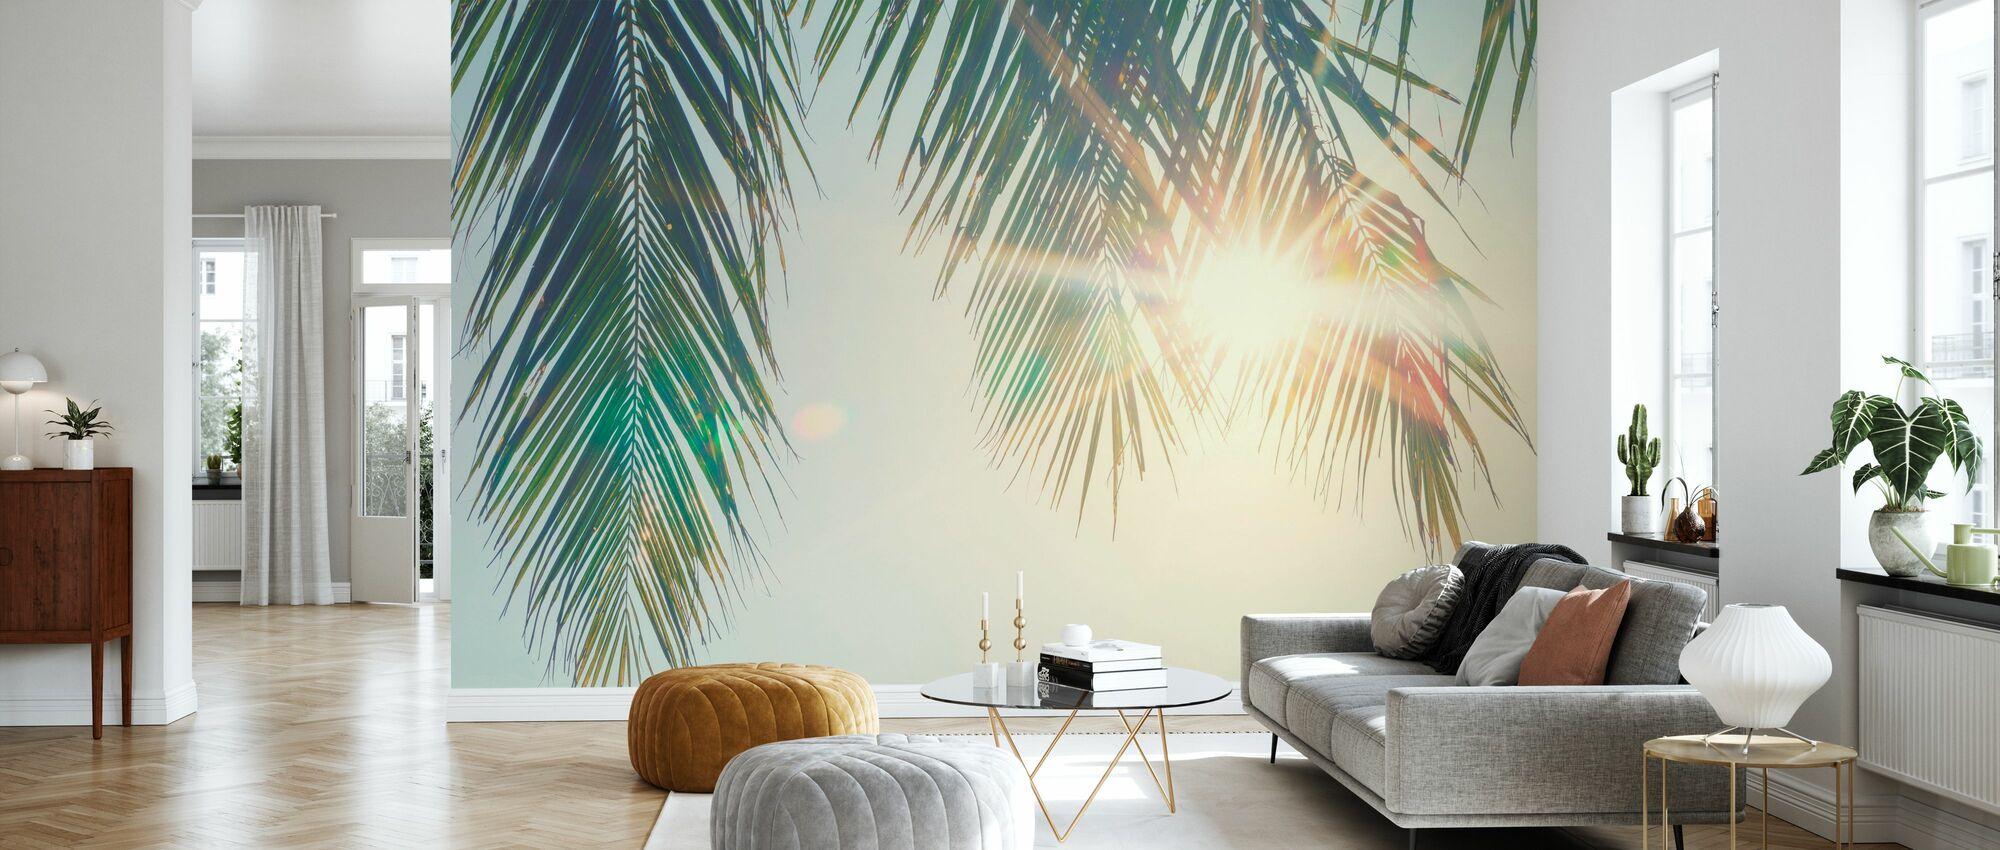 Palm Leaves Sunset - Wallpaper - Living Room